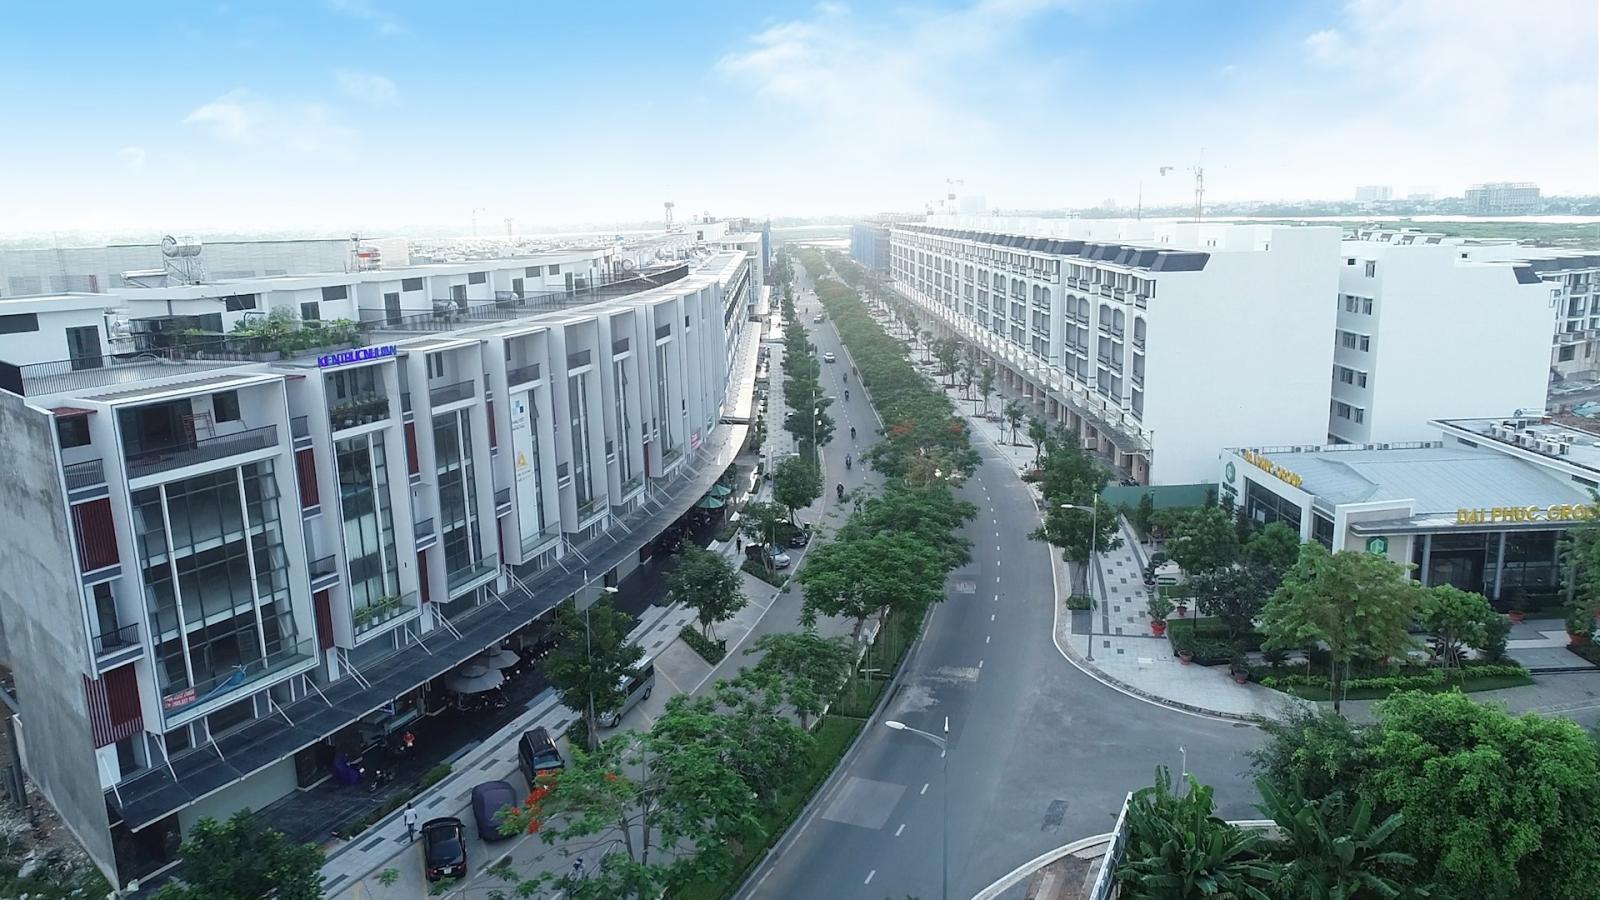 Doanh nghiệp bất động sản sẵn sàng đối mặt với cú sốc mới từ Covid-19